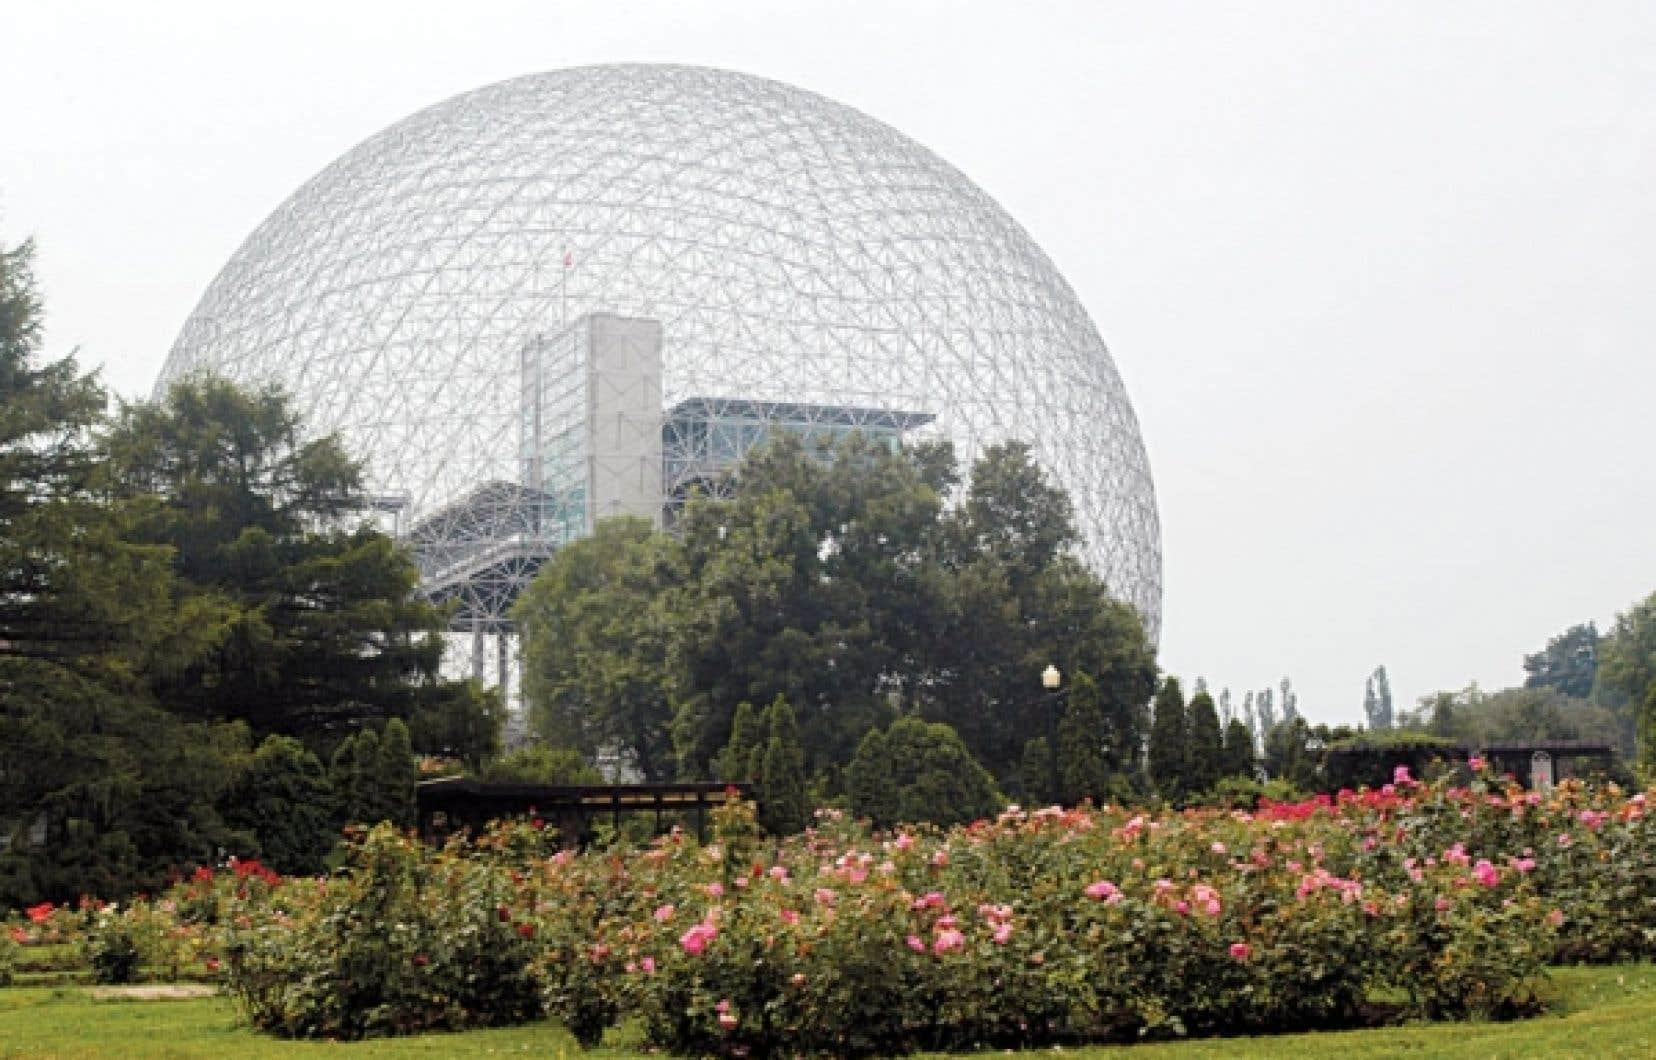 Les conservateurs souhaitent transformer la Biosphère en centre météorologique d'ici 2013.